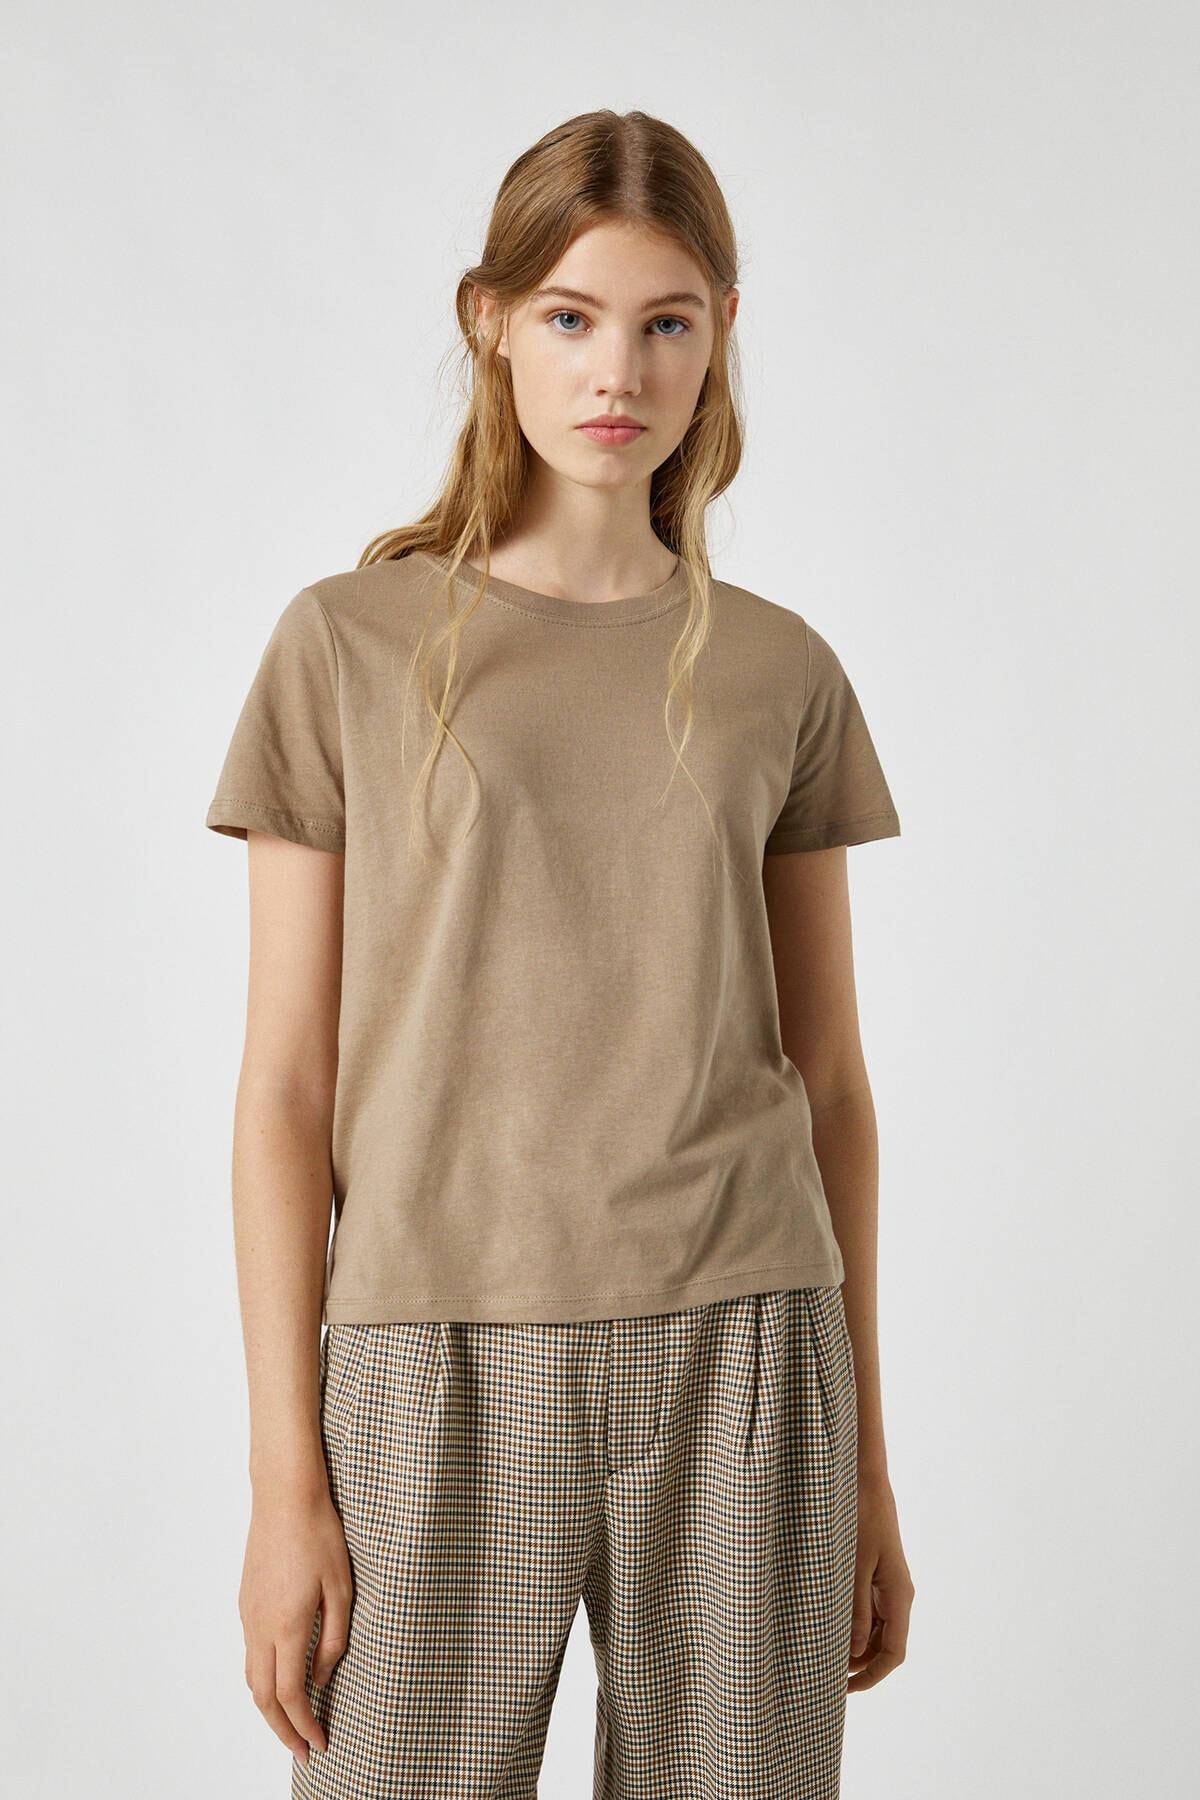 Pull & Bear Kadın Haki Basic Bisiklet Yaka T-Shirt 09247411